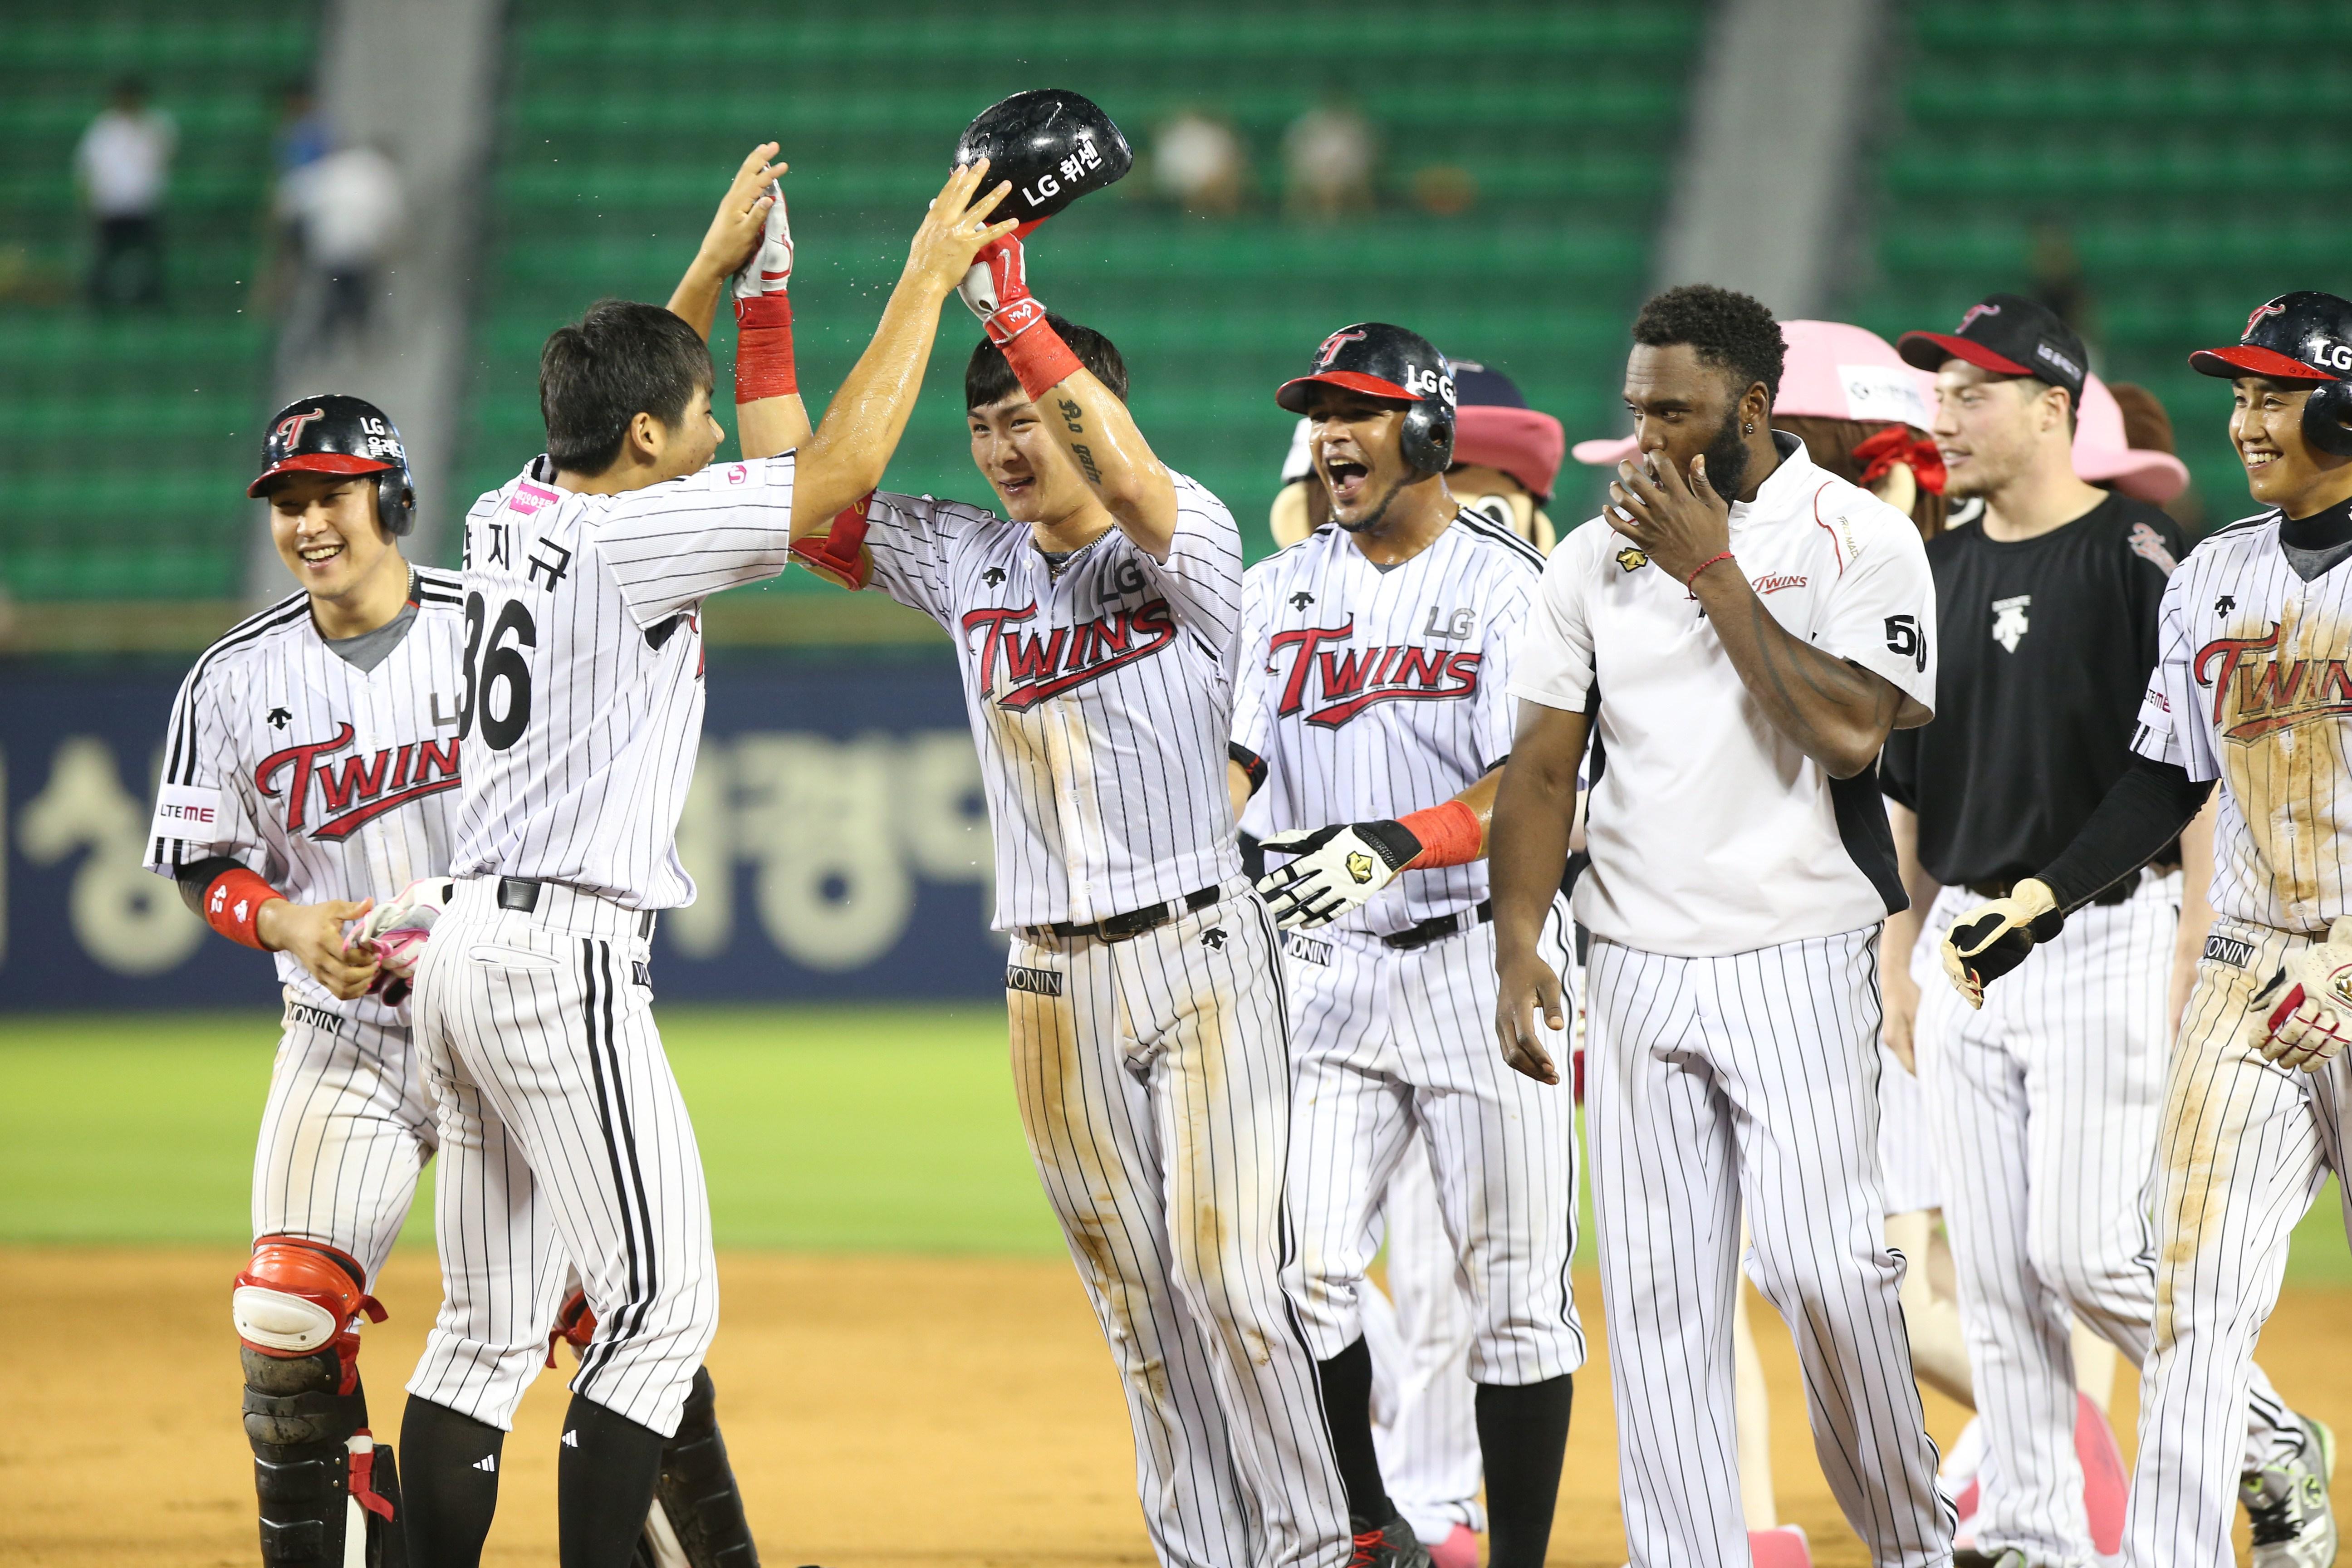 Hay vida para los jugadores más allá de MLB (I): La KBO League de Corea